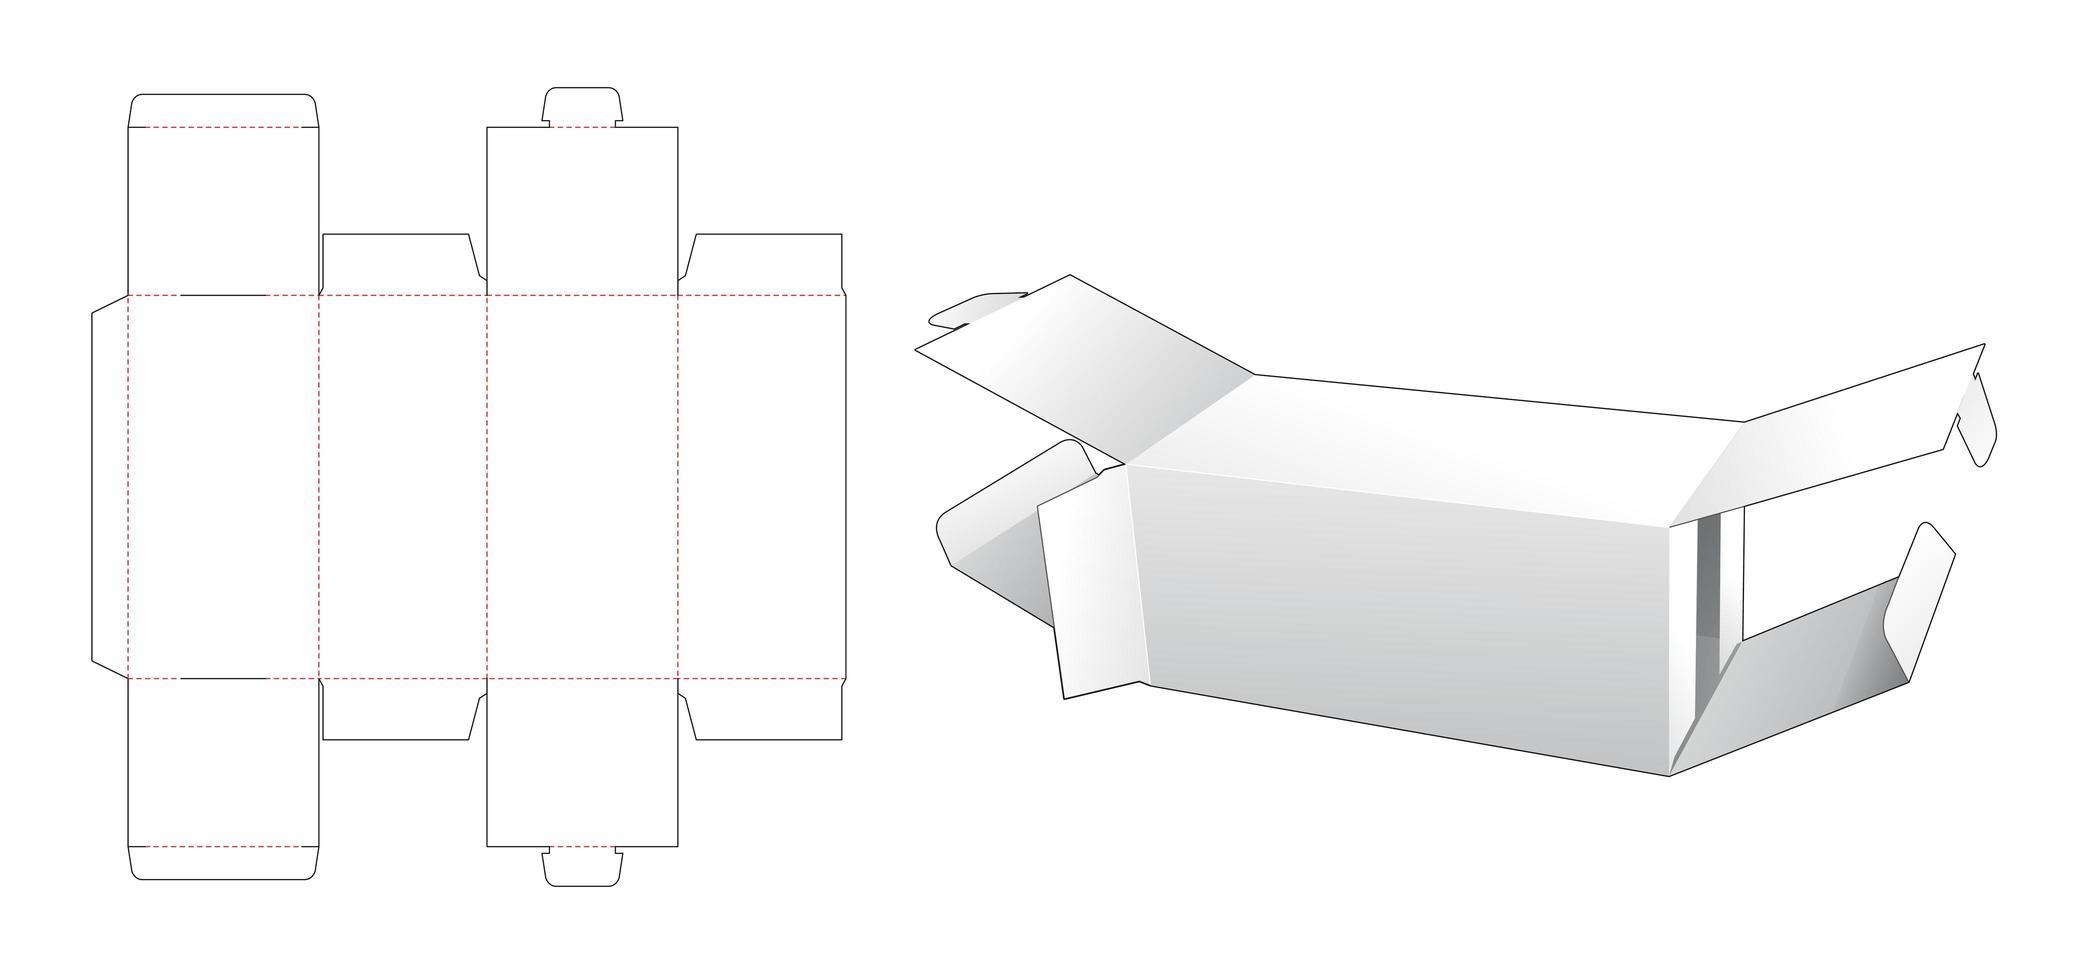 2 Flip-End-Verpackungsbox vektor